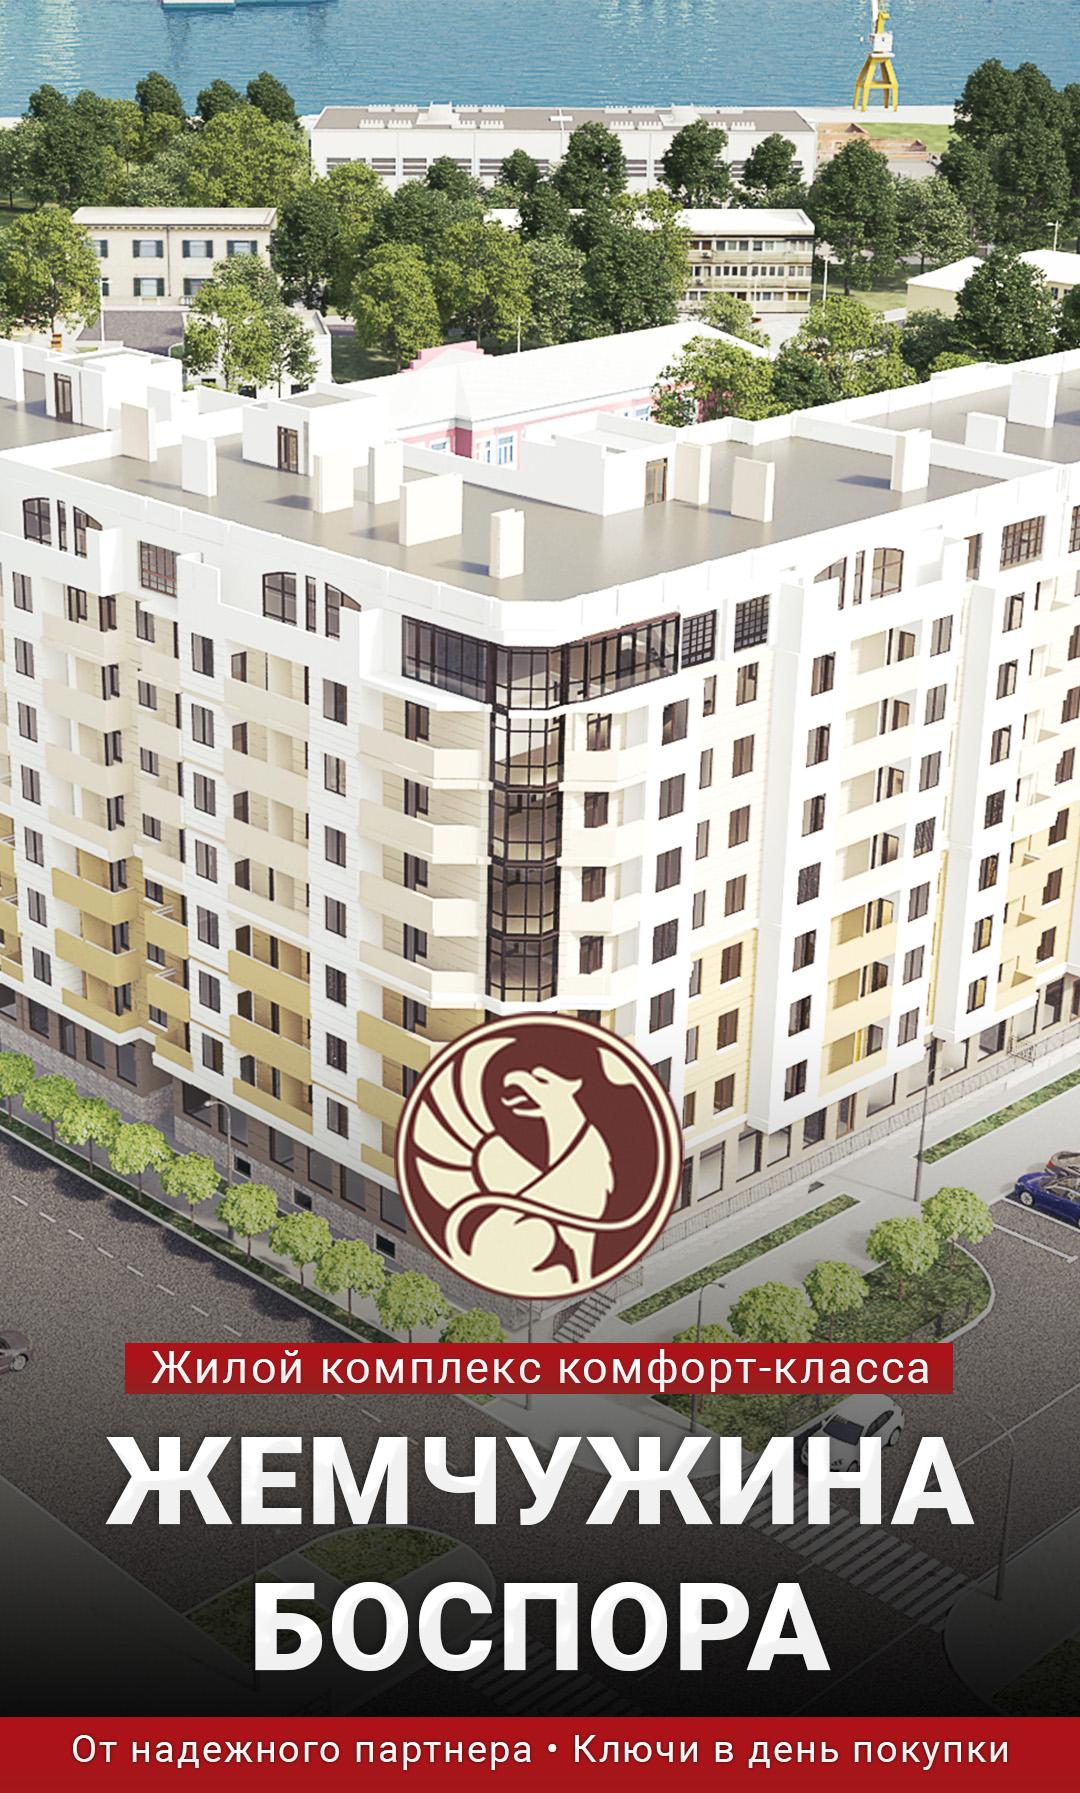 Квартиры от застройщика в г. Керчь